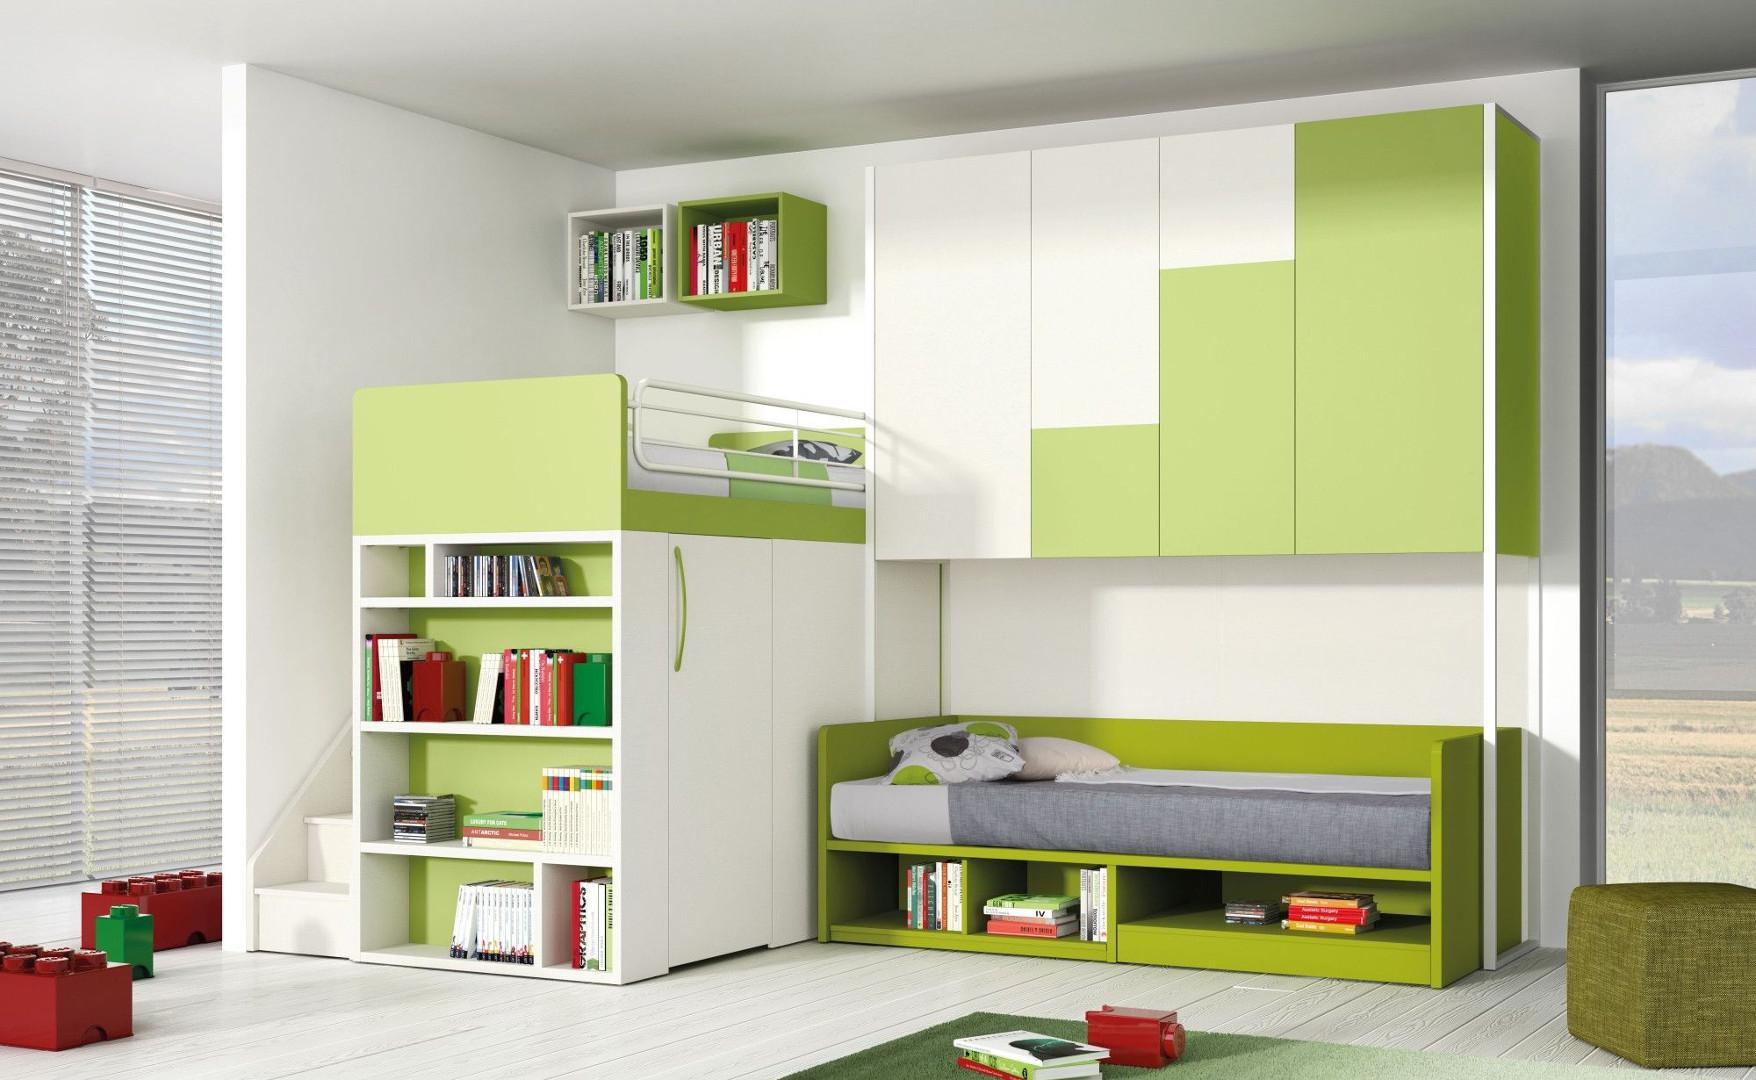 Cameretta spaziosa verde per due bambini